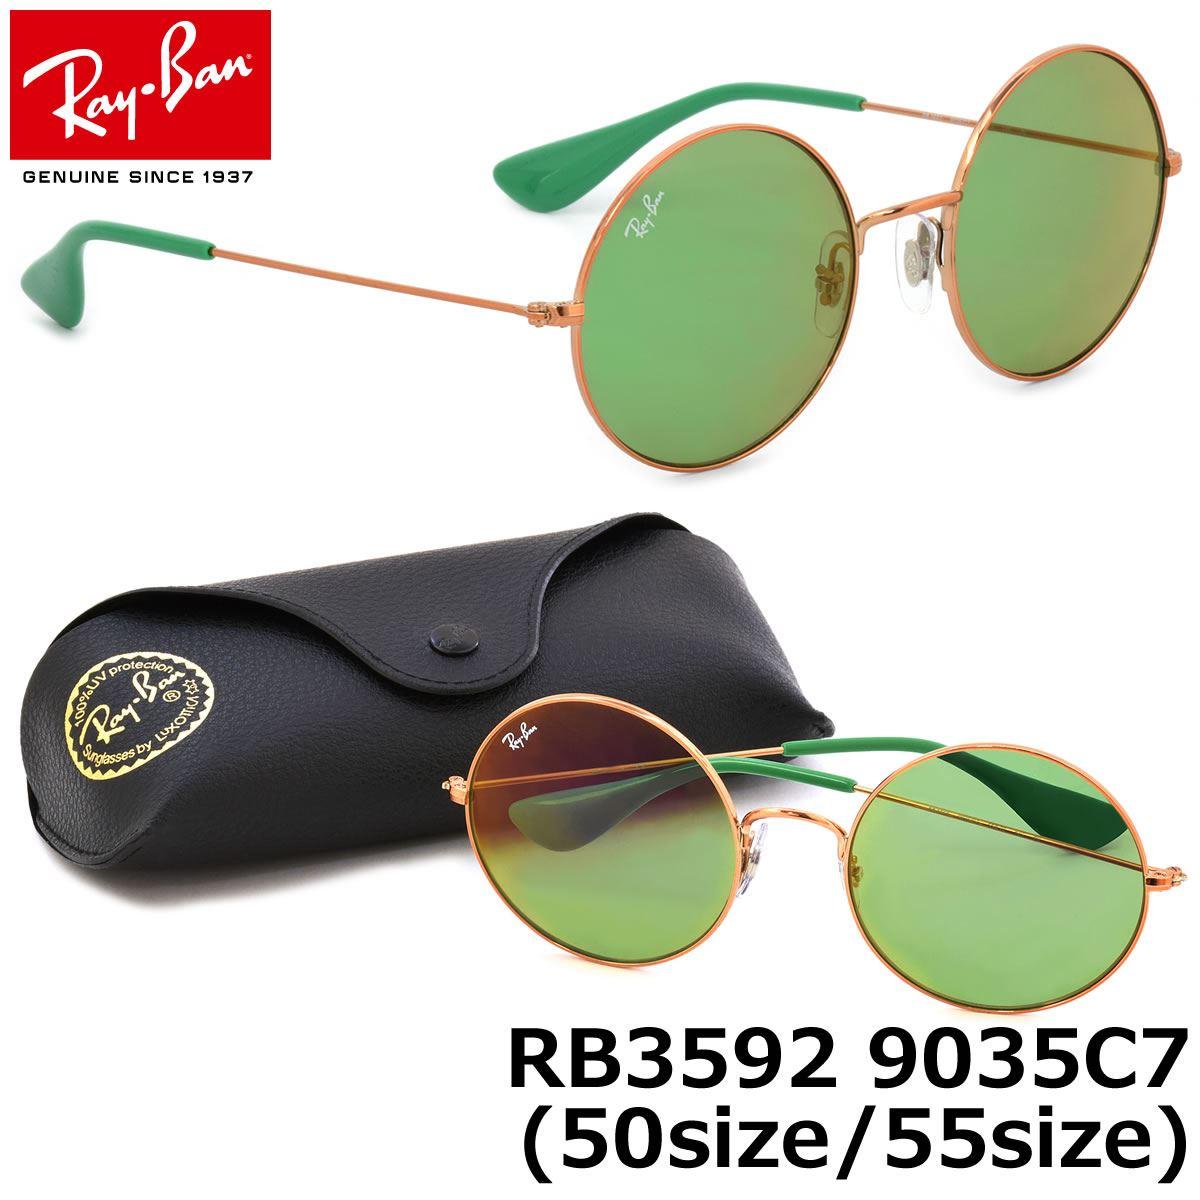 d7c7f98c53 Lentes De Sol RayBan Ja-Jo RB3592 9035/C7 Verde Talla 55mm | Juntoz.com